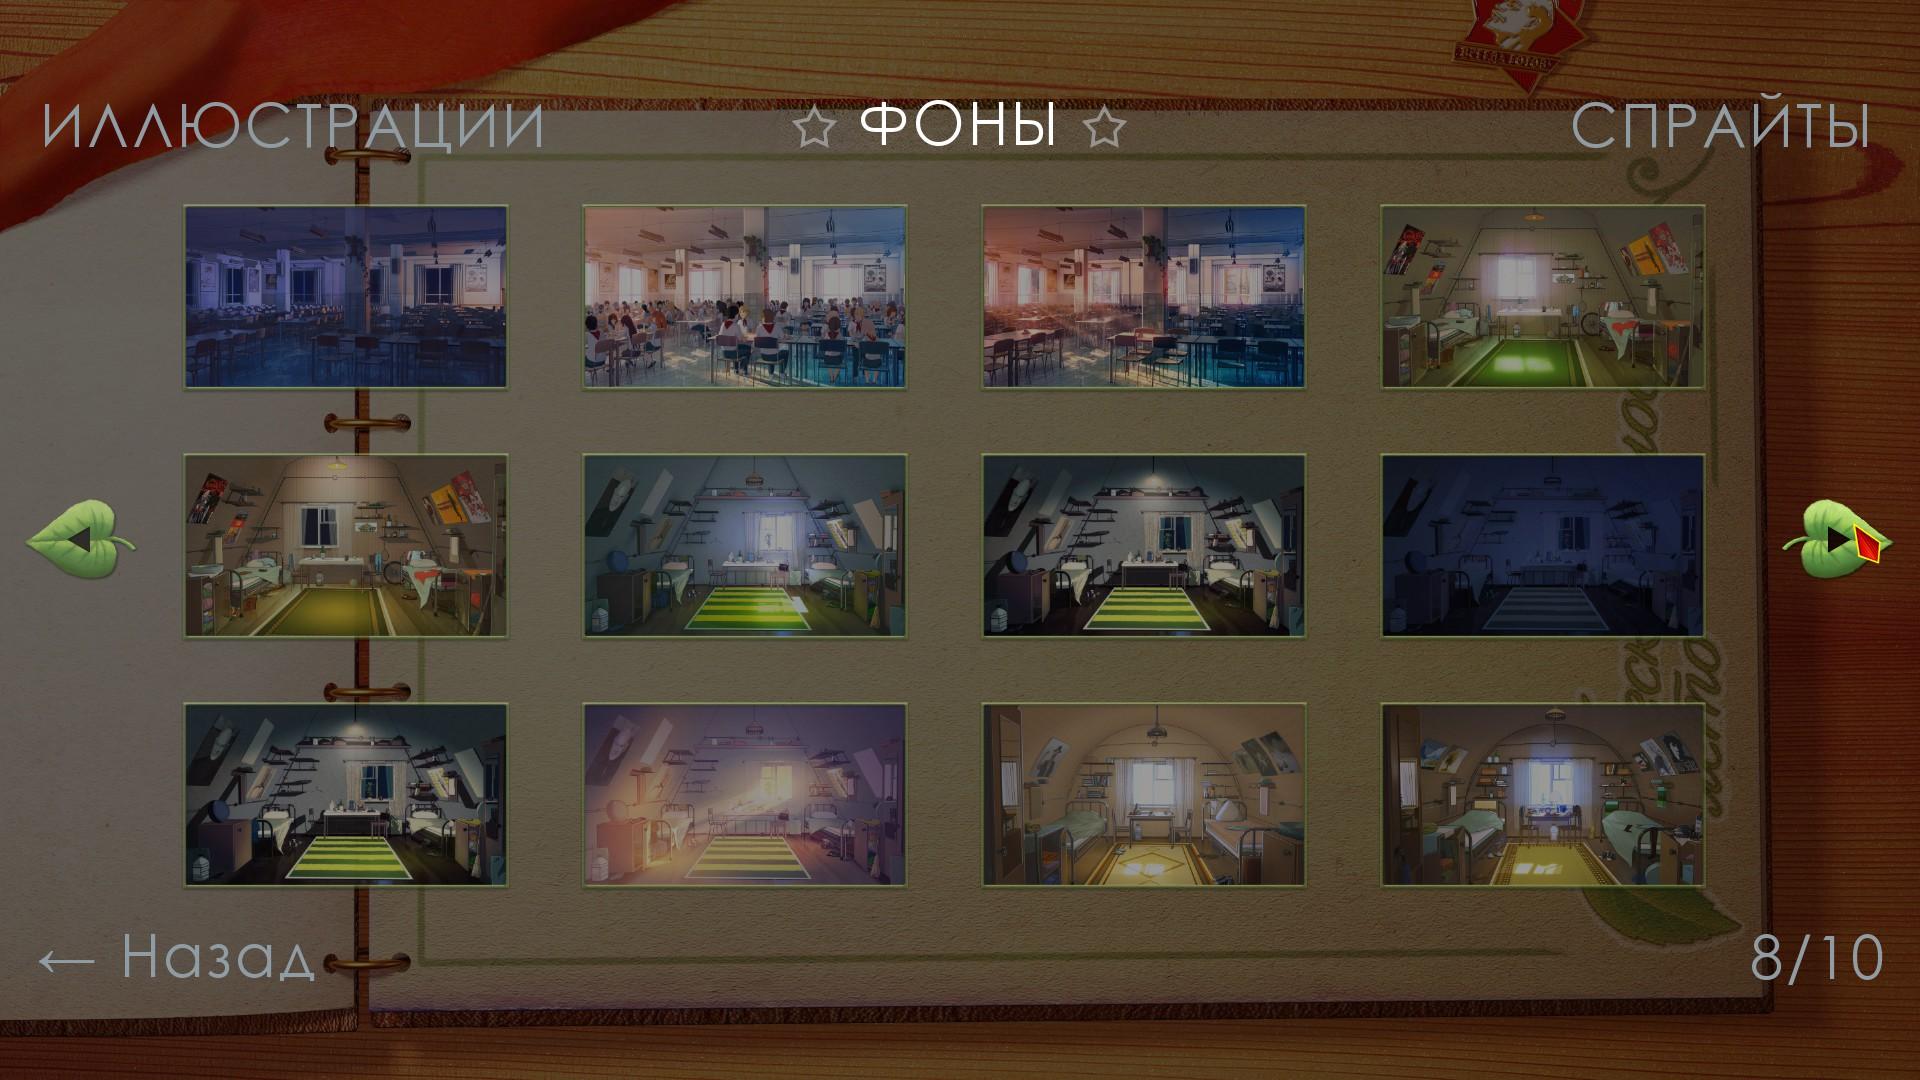 Чем убрать цензуру в хентай играх 12 фотография